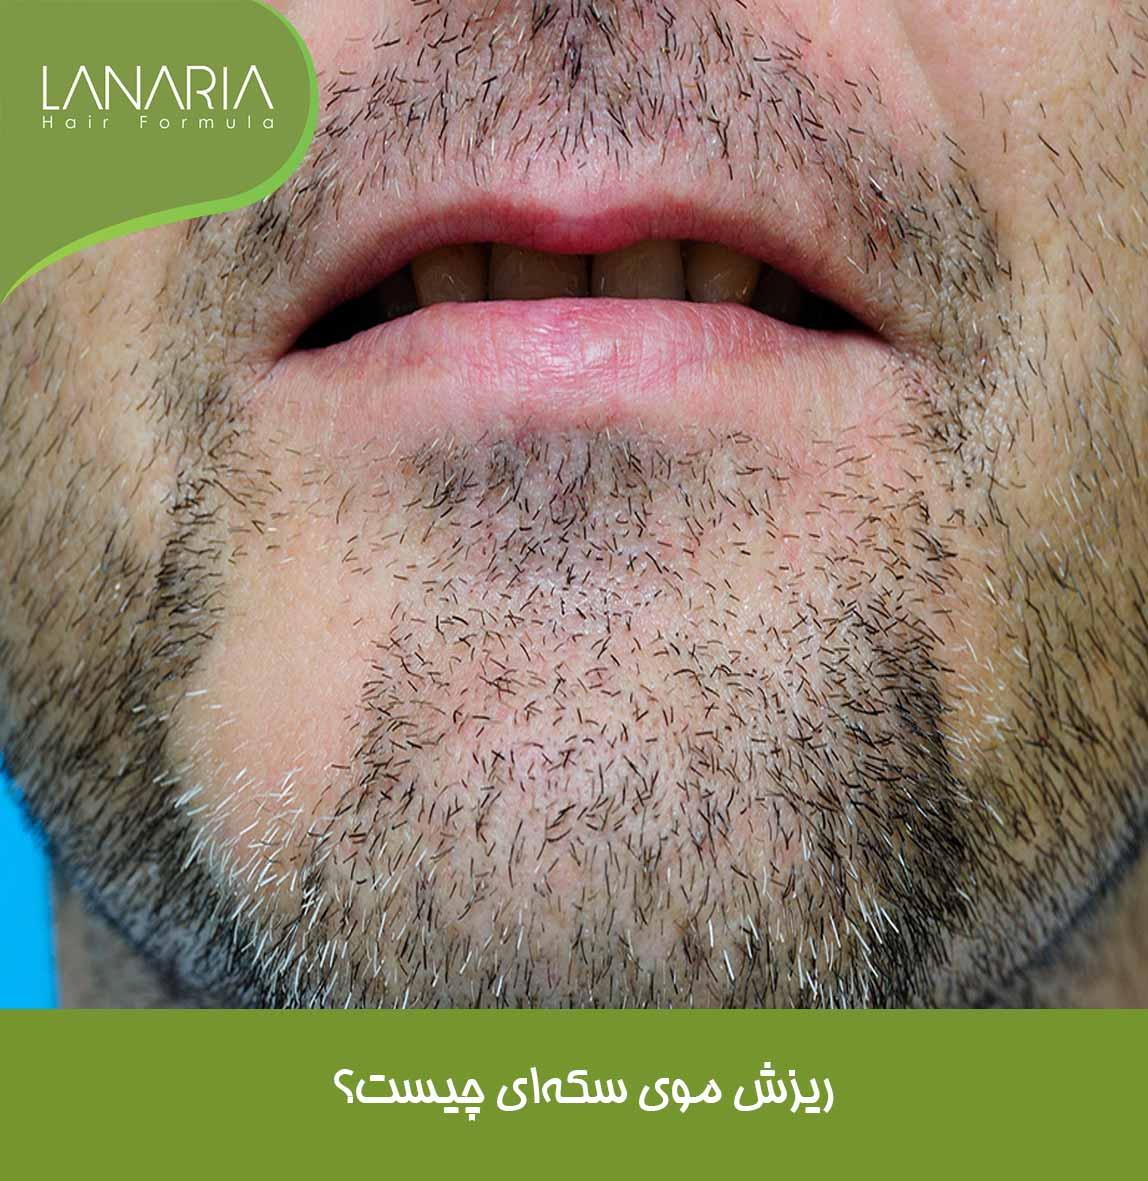 ریزش موی سکه ای- درمان ریزش موی سکه ای لاناریا- دکتر نوروزیان